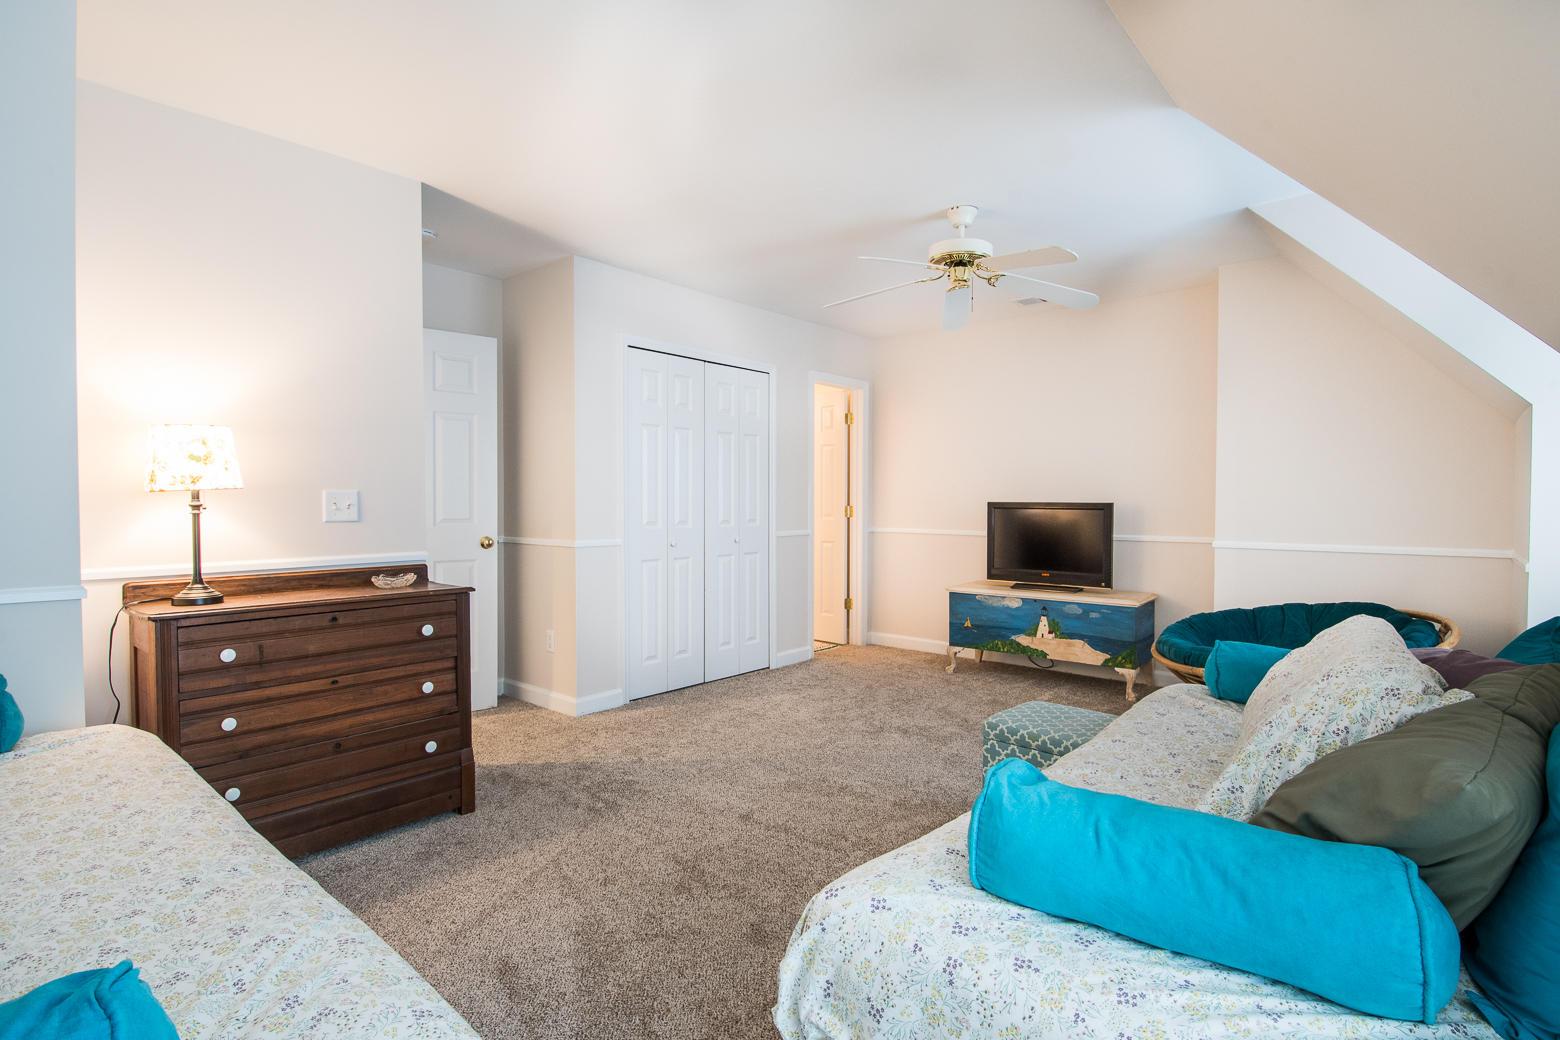 Dunes West Homes For Sale - 1111 Black Rush, Mount Pleasant, SC - 64